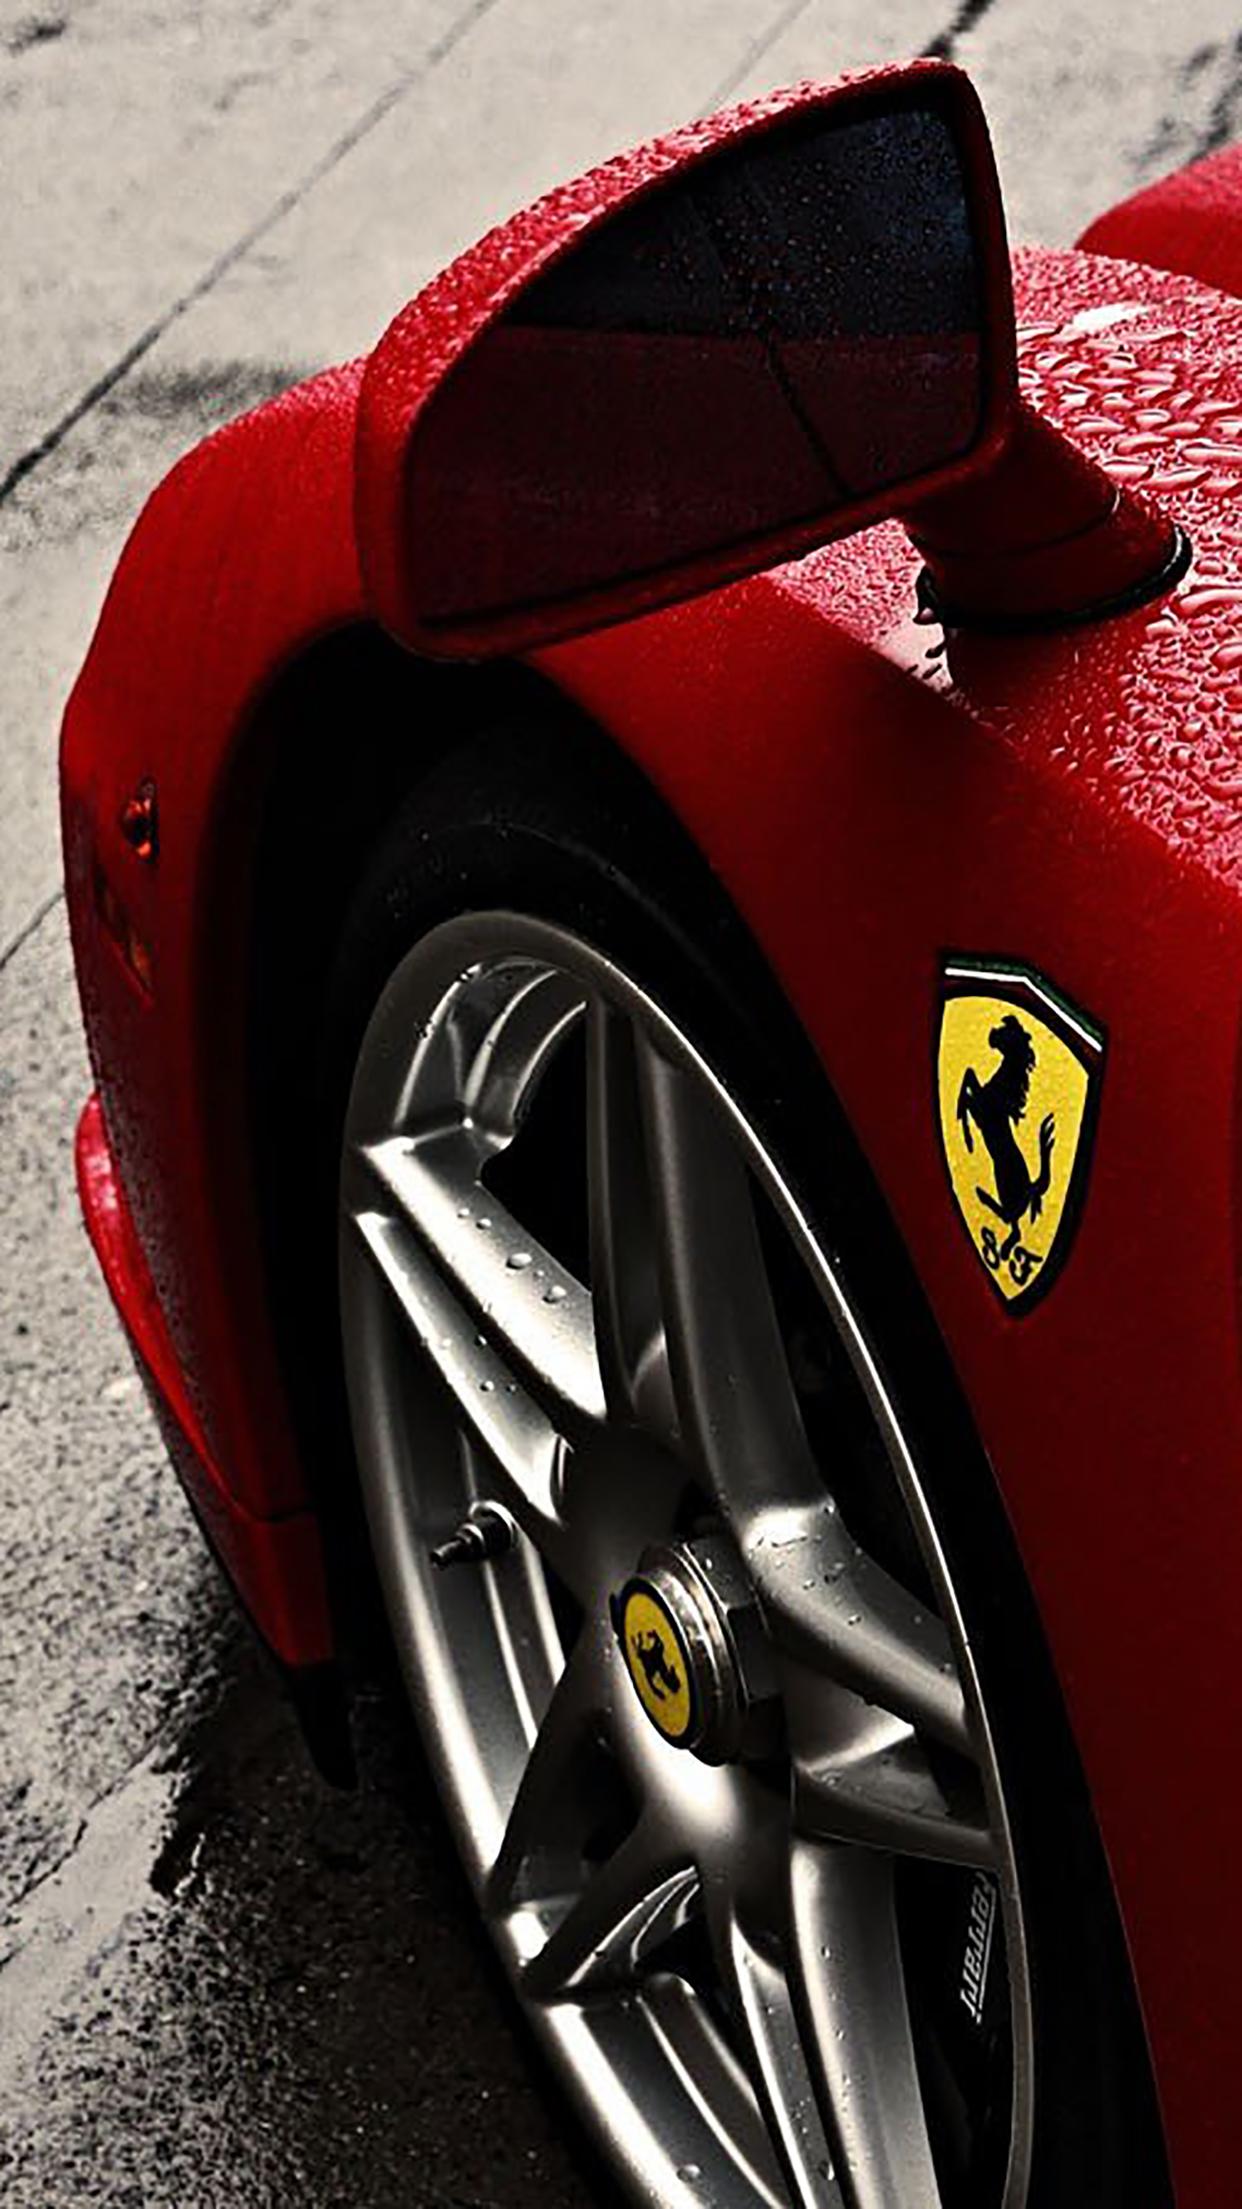 Free Download Ferrari Enzo Ferrari Logo Rain Wheel Wallpaper